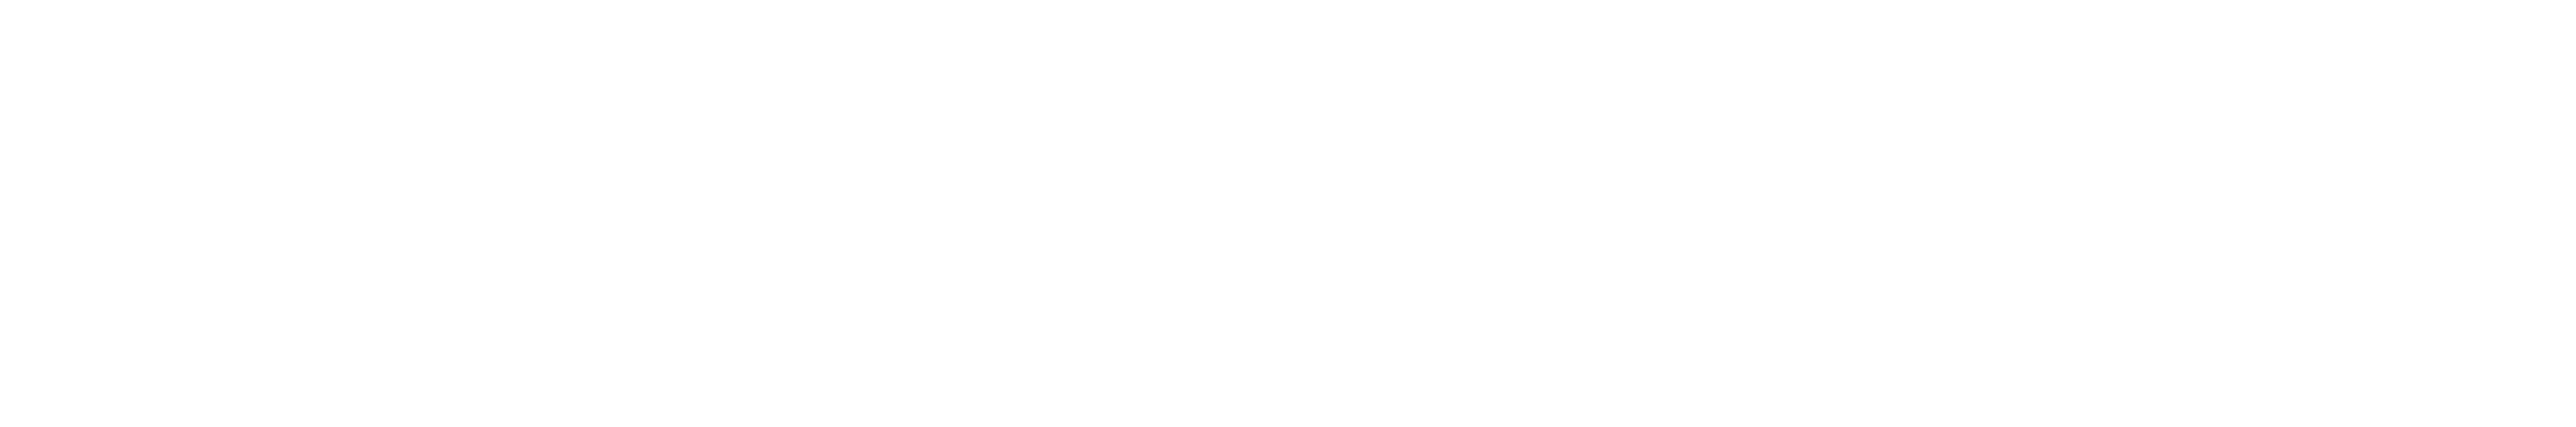 Kaga FEI Europe